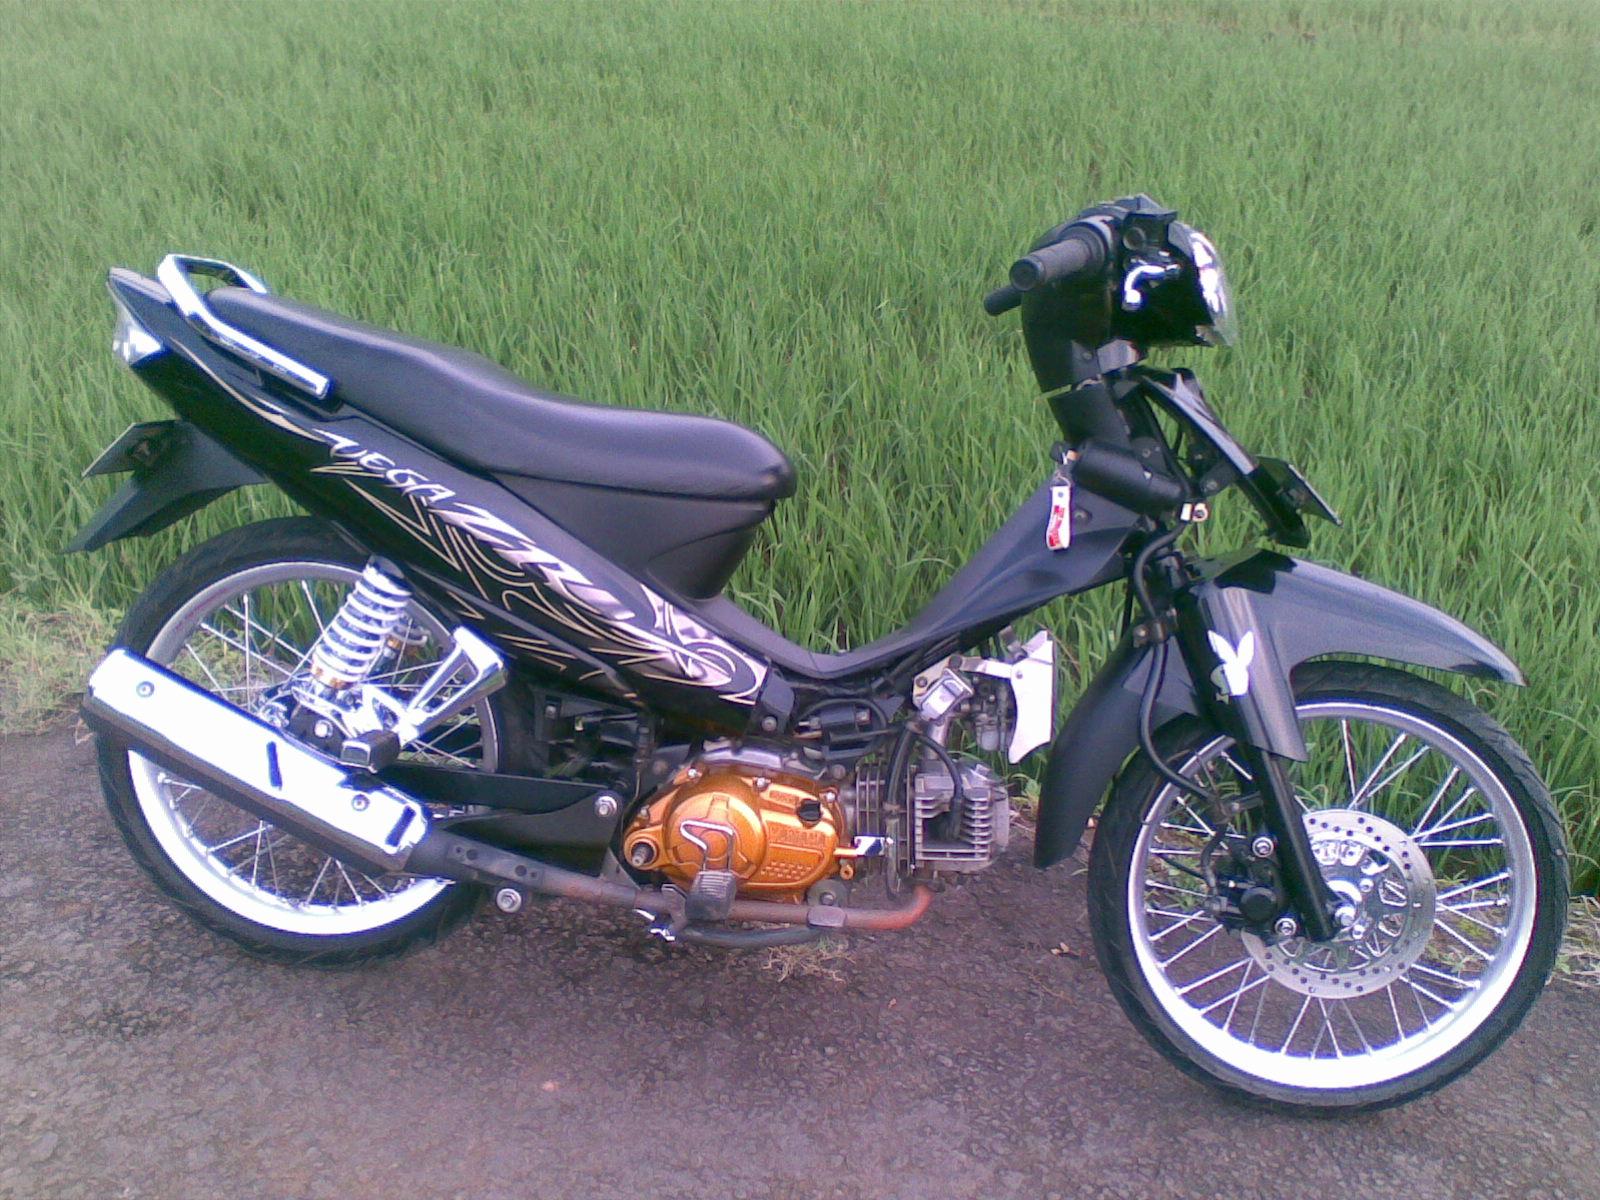 Koleksi Foto Modifikasi Motor Vega R Latin Terbaru Modispik Motor